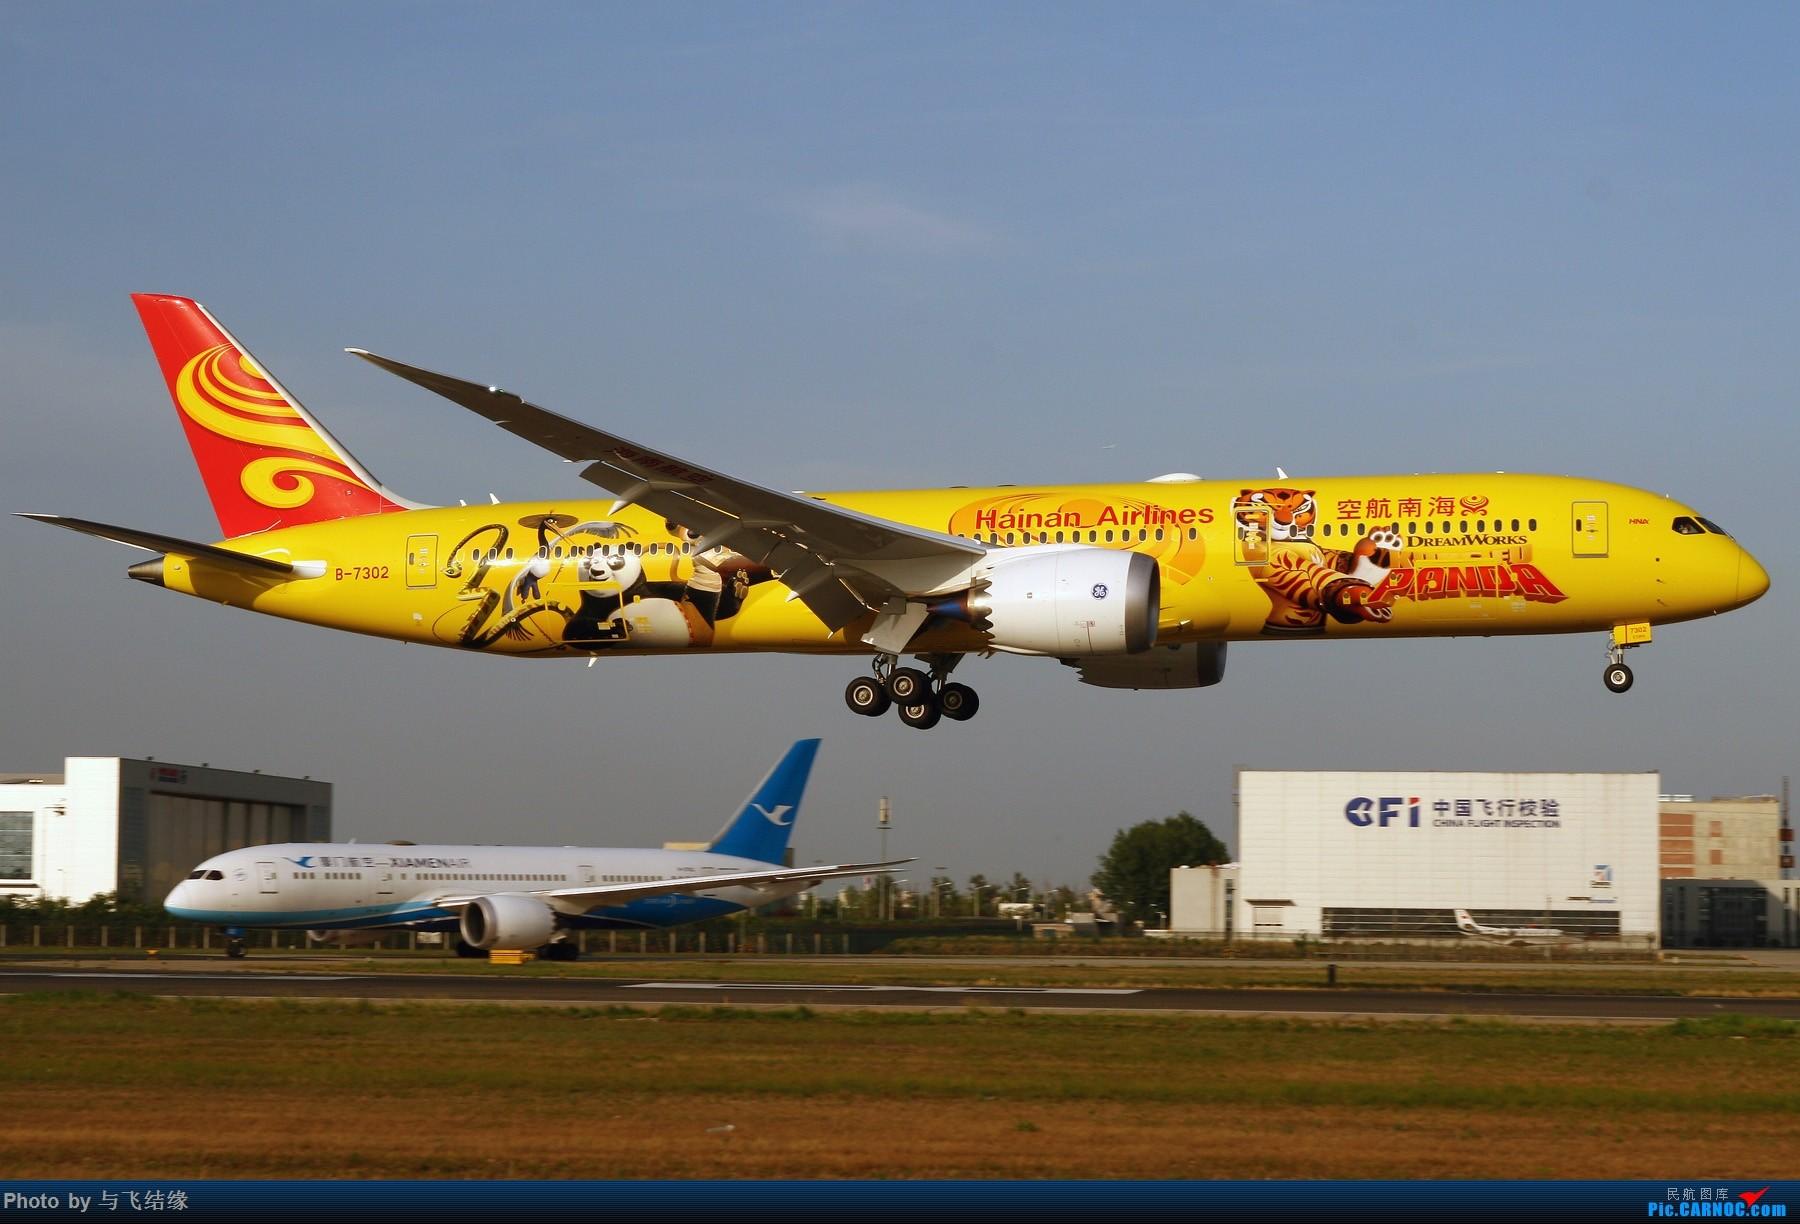 在教室��.�9�9b�9�*_boeing 787-9 b-7302 中国北京首都国际机场